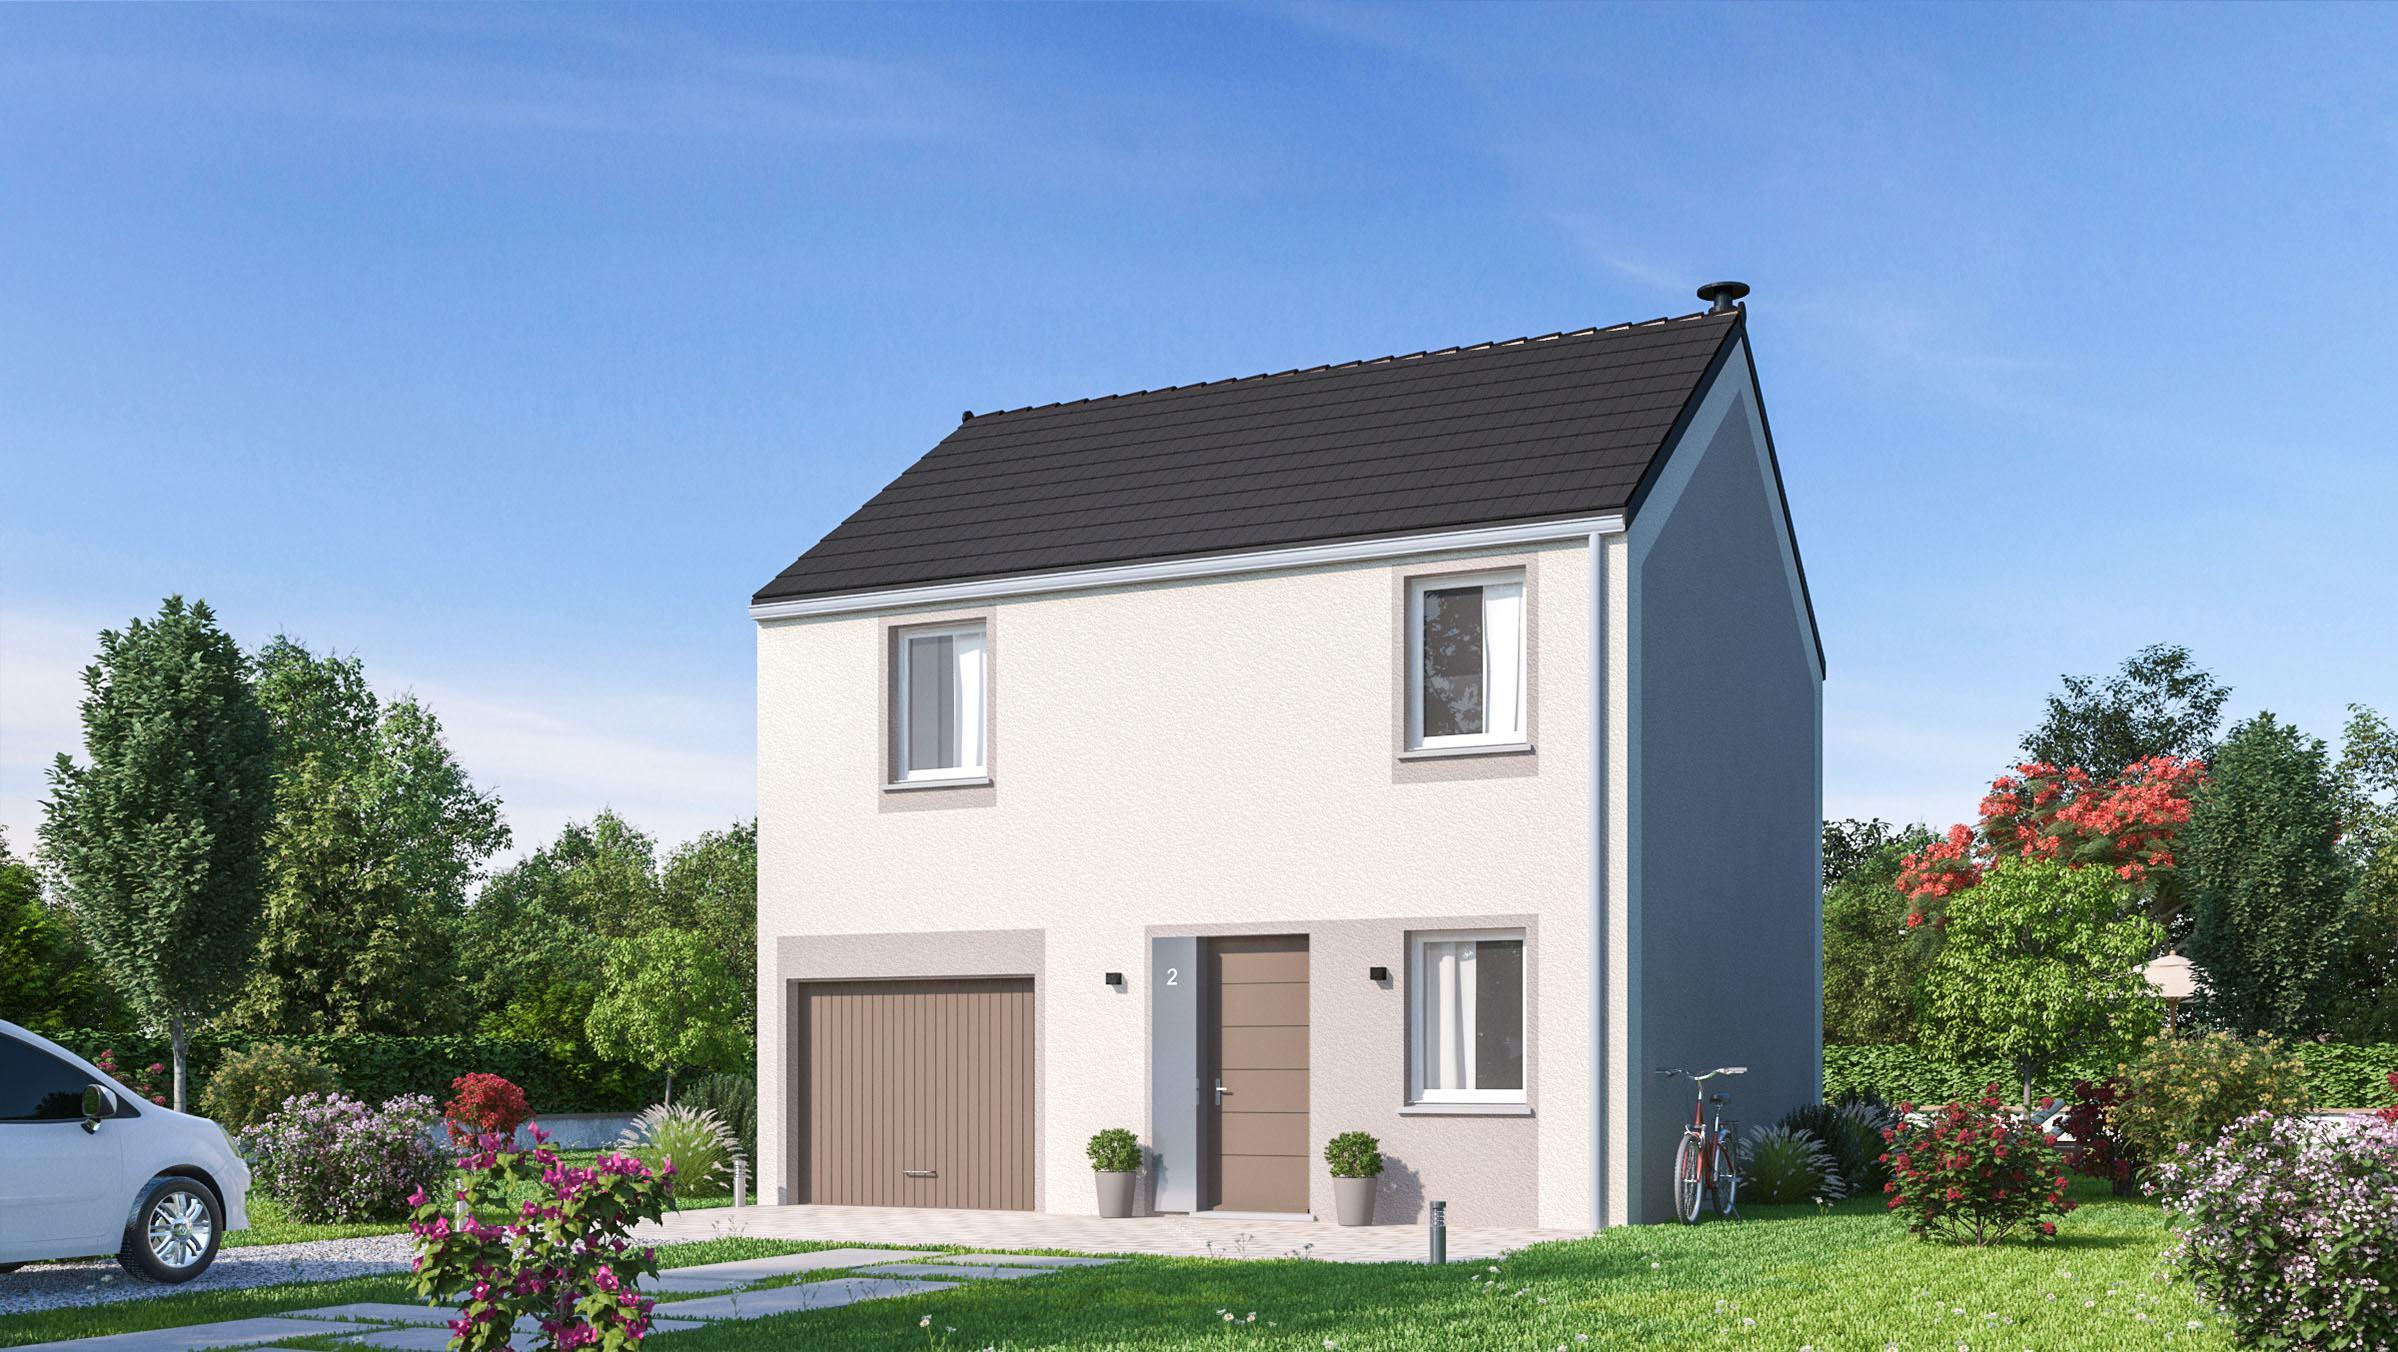 Maisons + Terrains du constructeur MAISONS PHENIX • 83 m² • DAMMARTIN EN GOELE